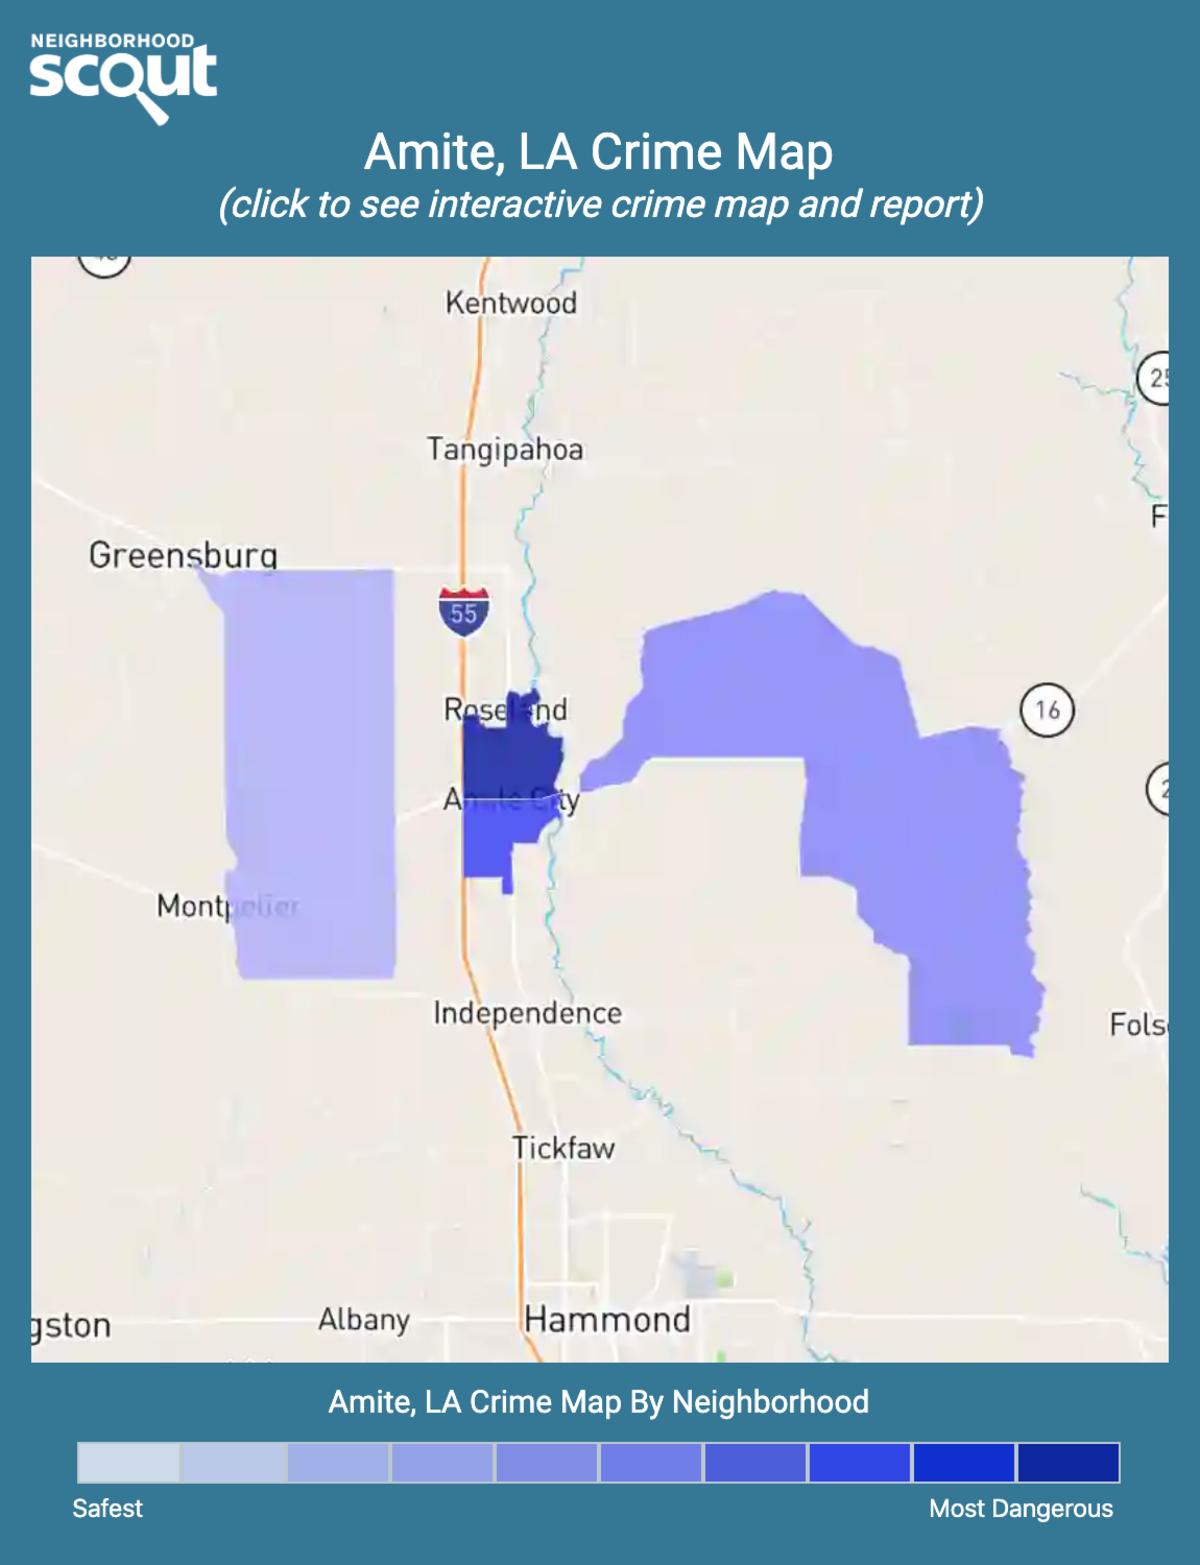 Amite, Louisiana crime map